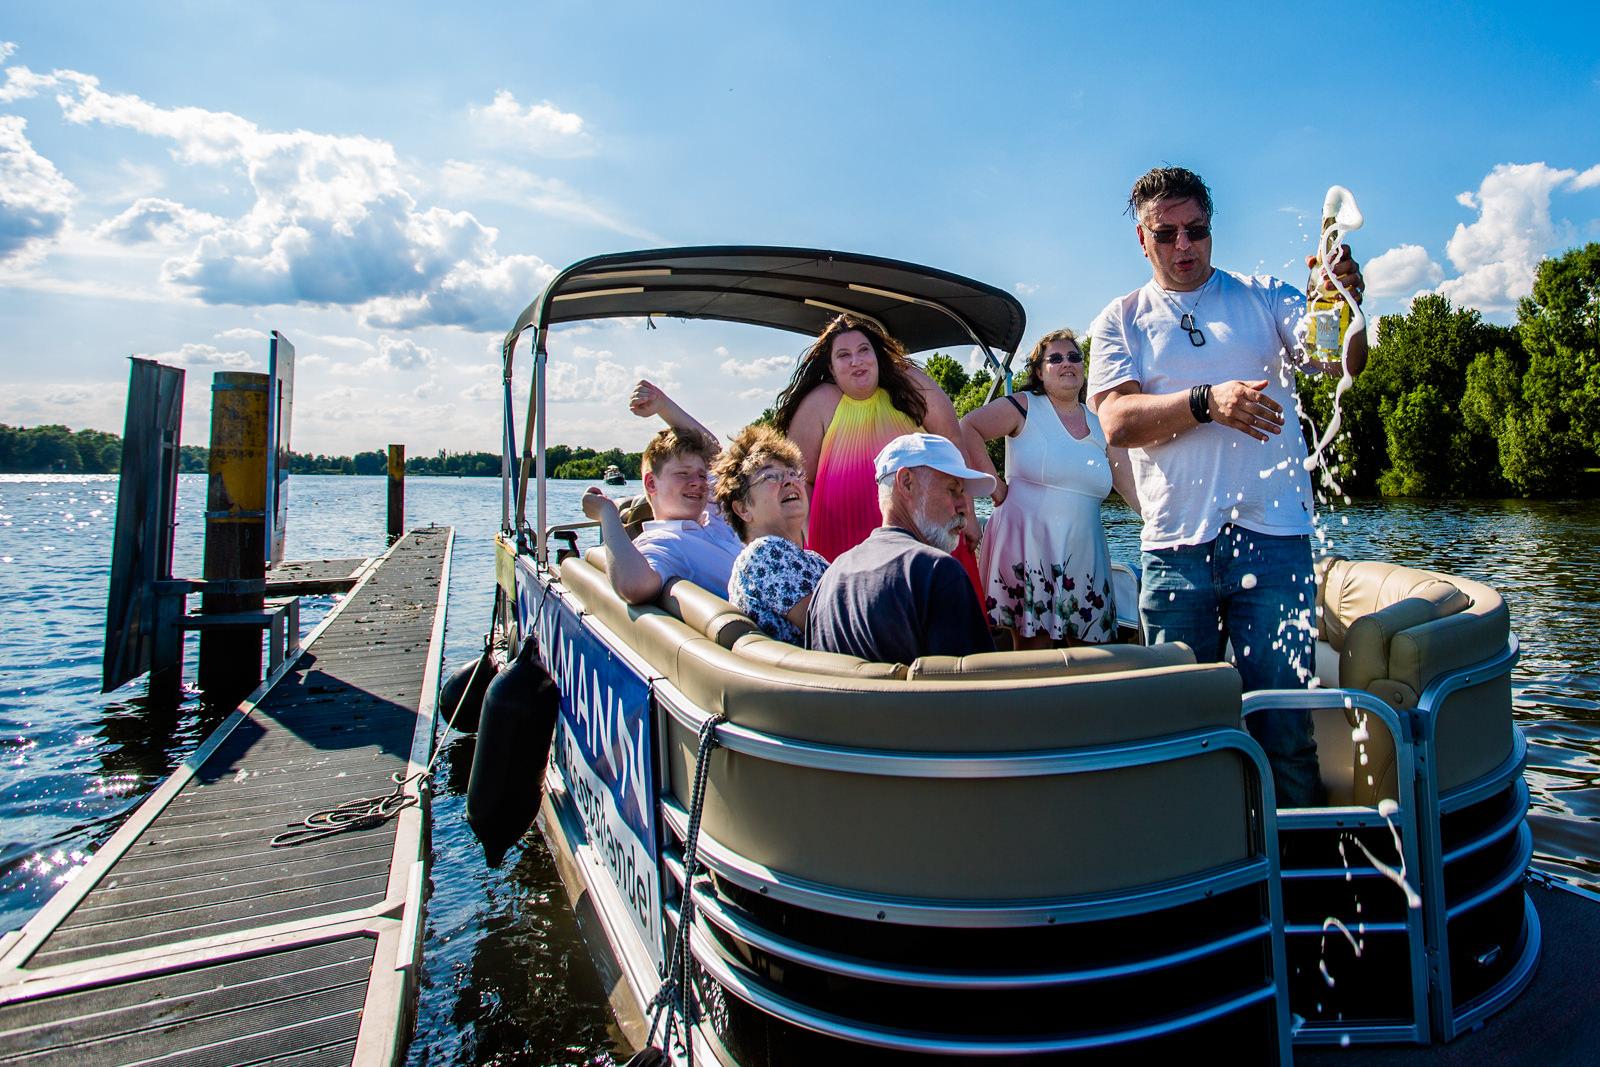 Champagnerdusche bei freier Trauung von Trautante Friederike Delong bei einer Hochzeit auf einem Boot in Hamburg fotografiert von Hochzeitsfotograf Steven Herrschaft aus Wiesbaden